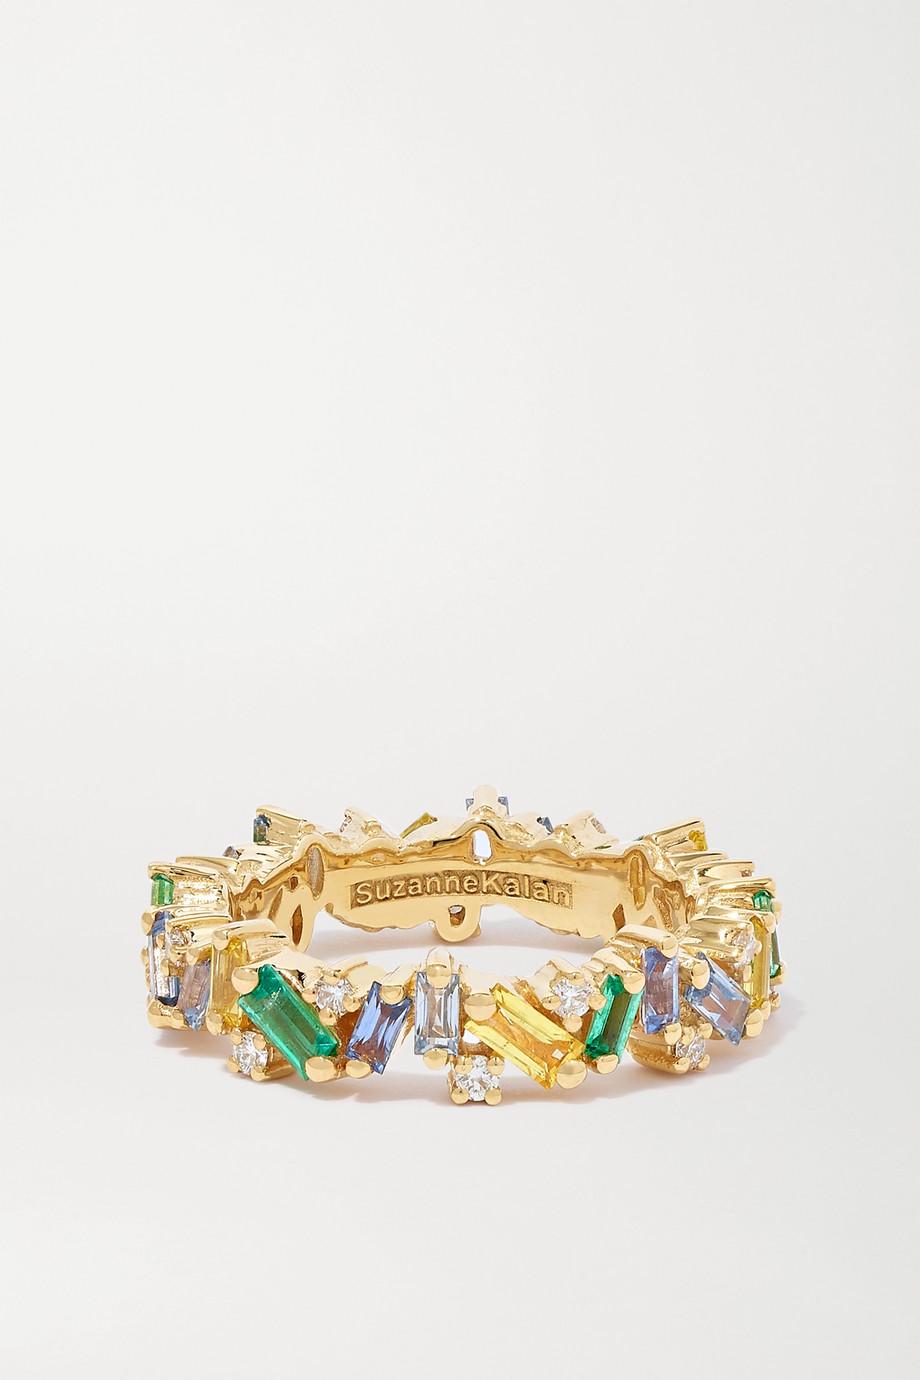 Suzanne Kalan 18K 黄金多种宝石戒指